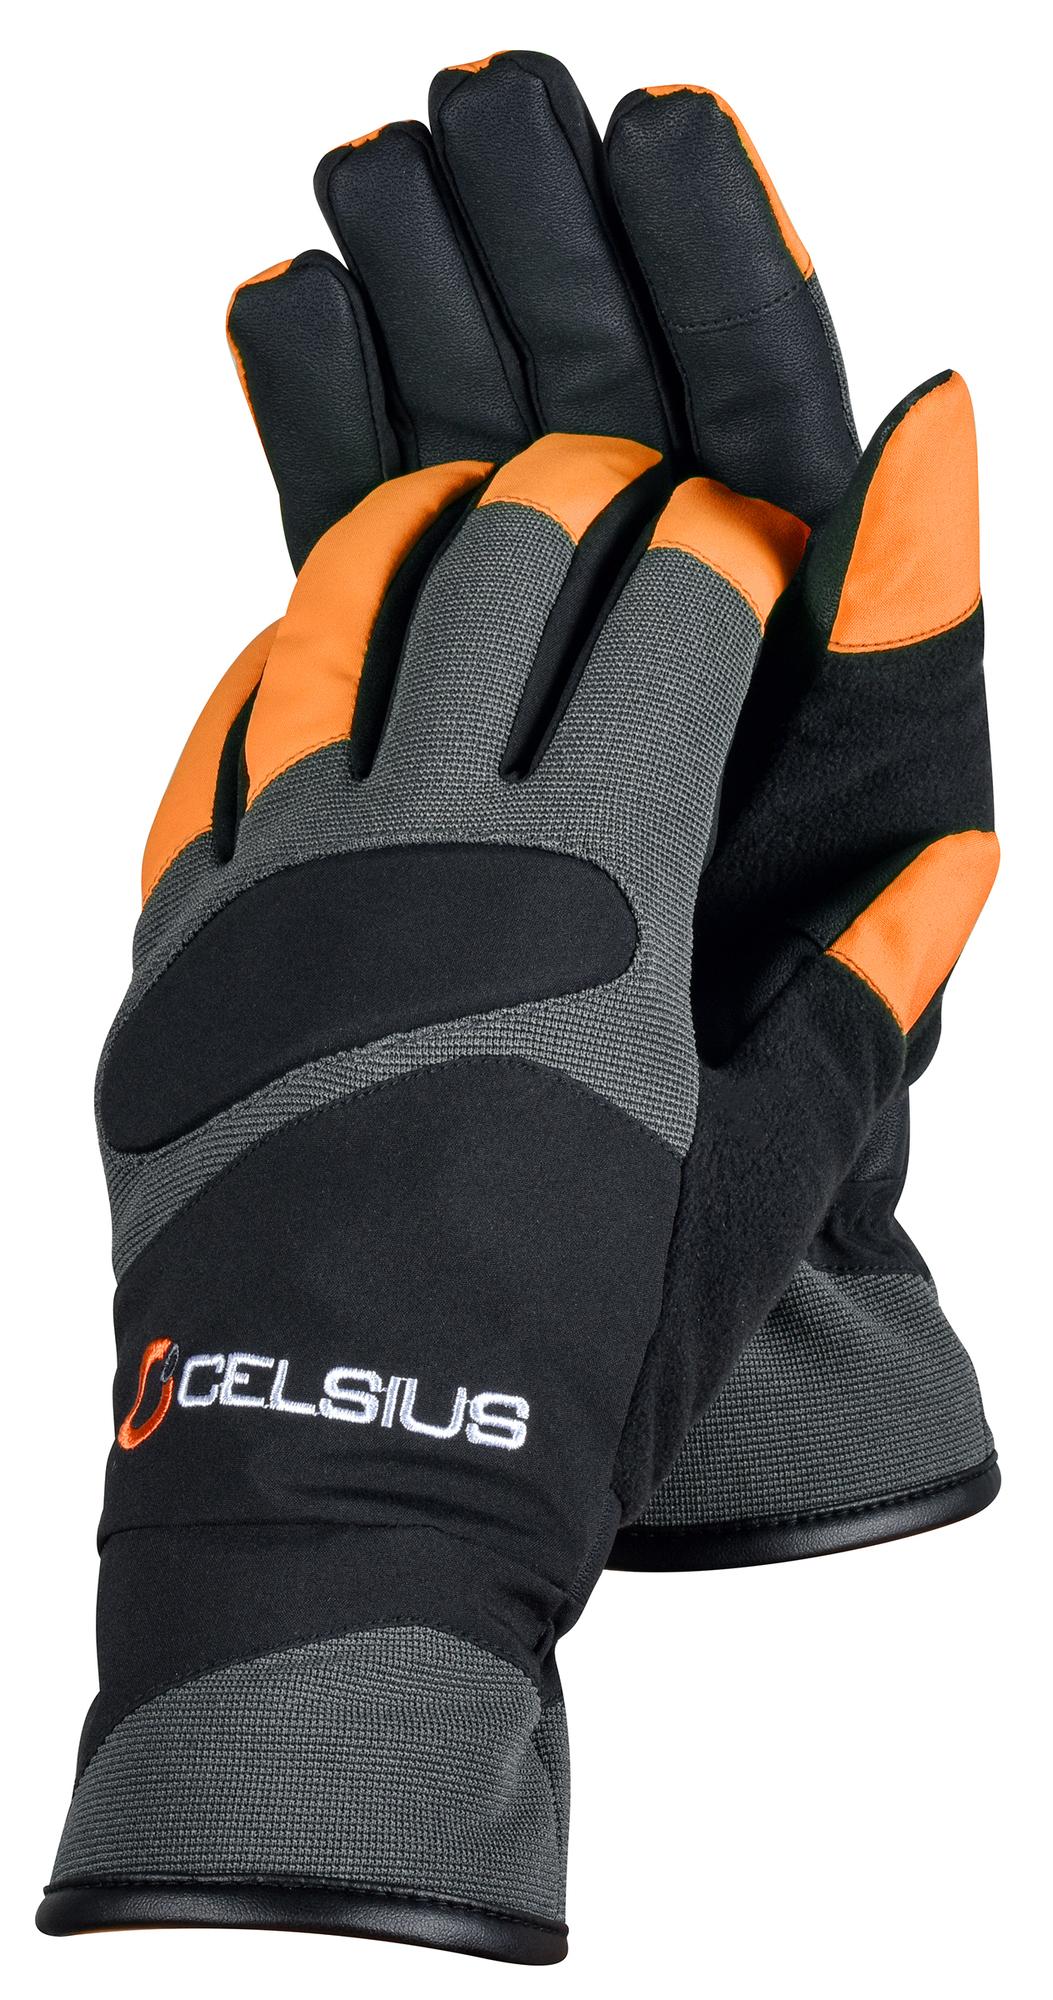 Celsius CEL-IFG-MD Ins Lightwght Glove Sm/Md